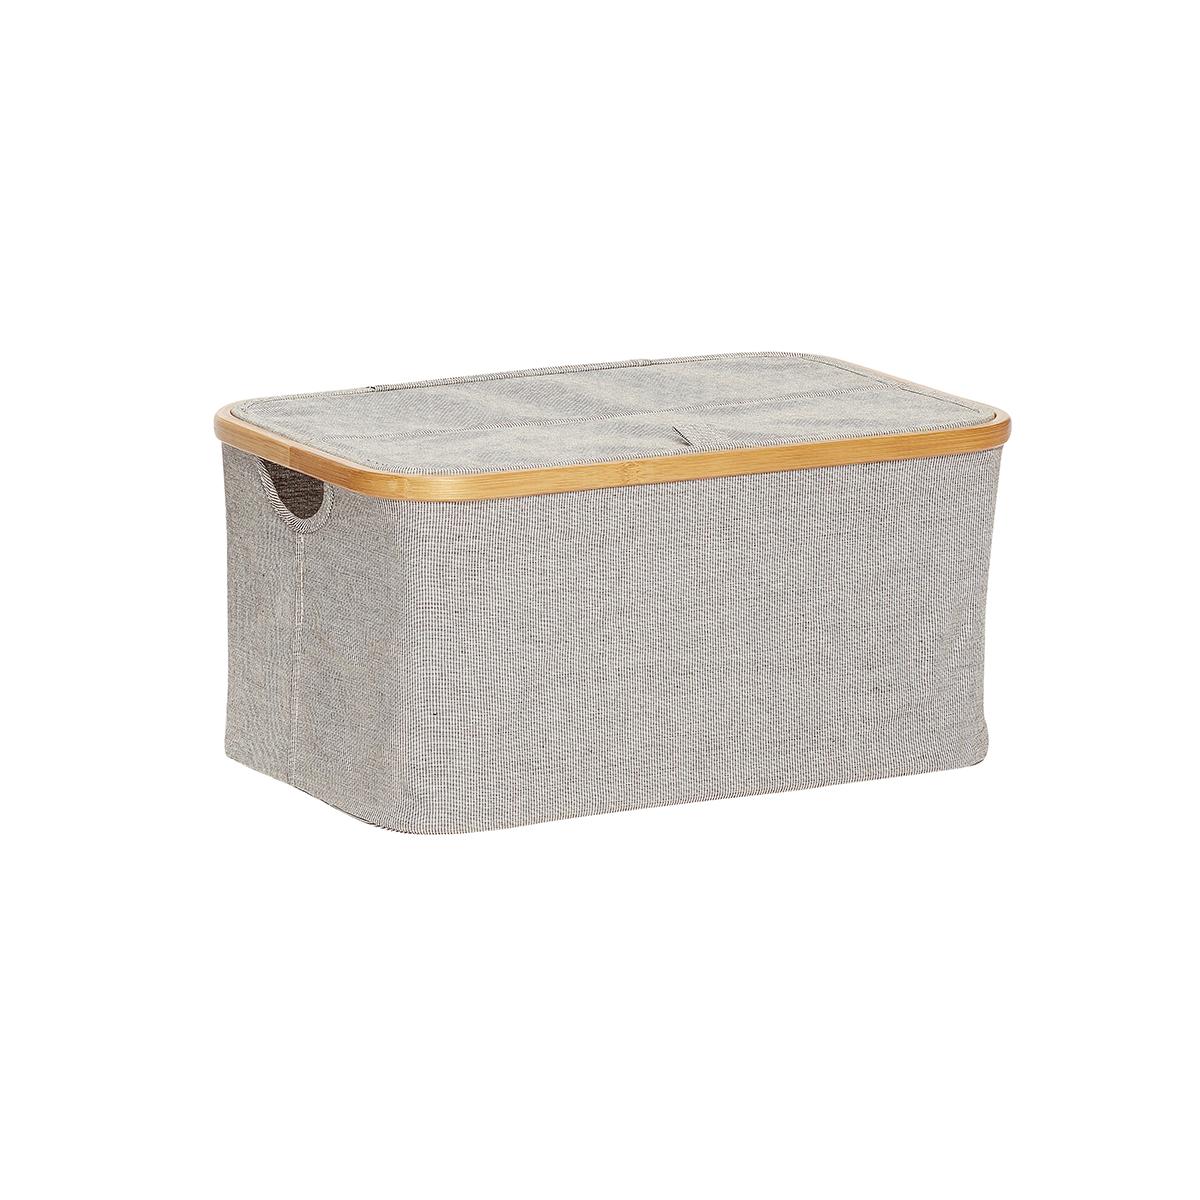 Boîte de rangement avec couvercle en tissu gris et bambou L45 (photo)